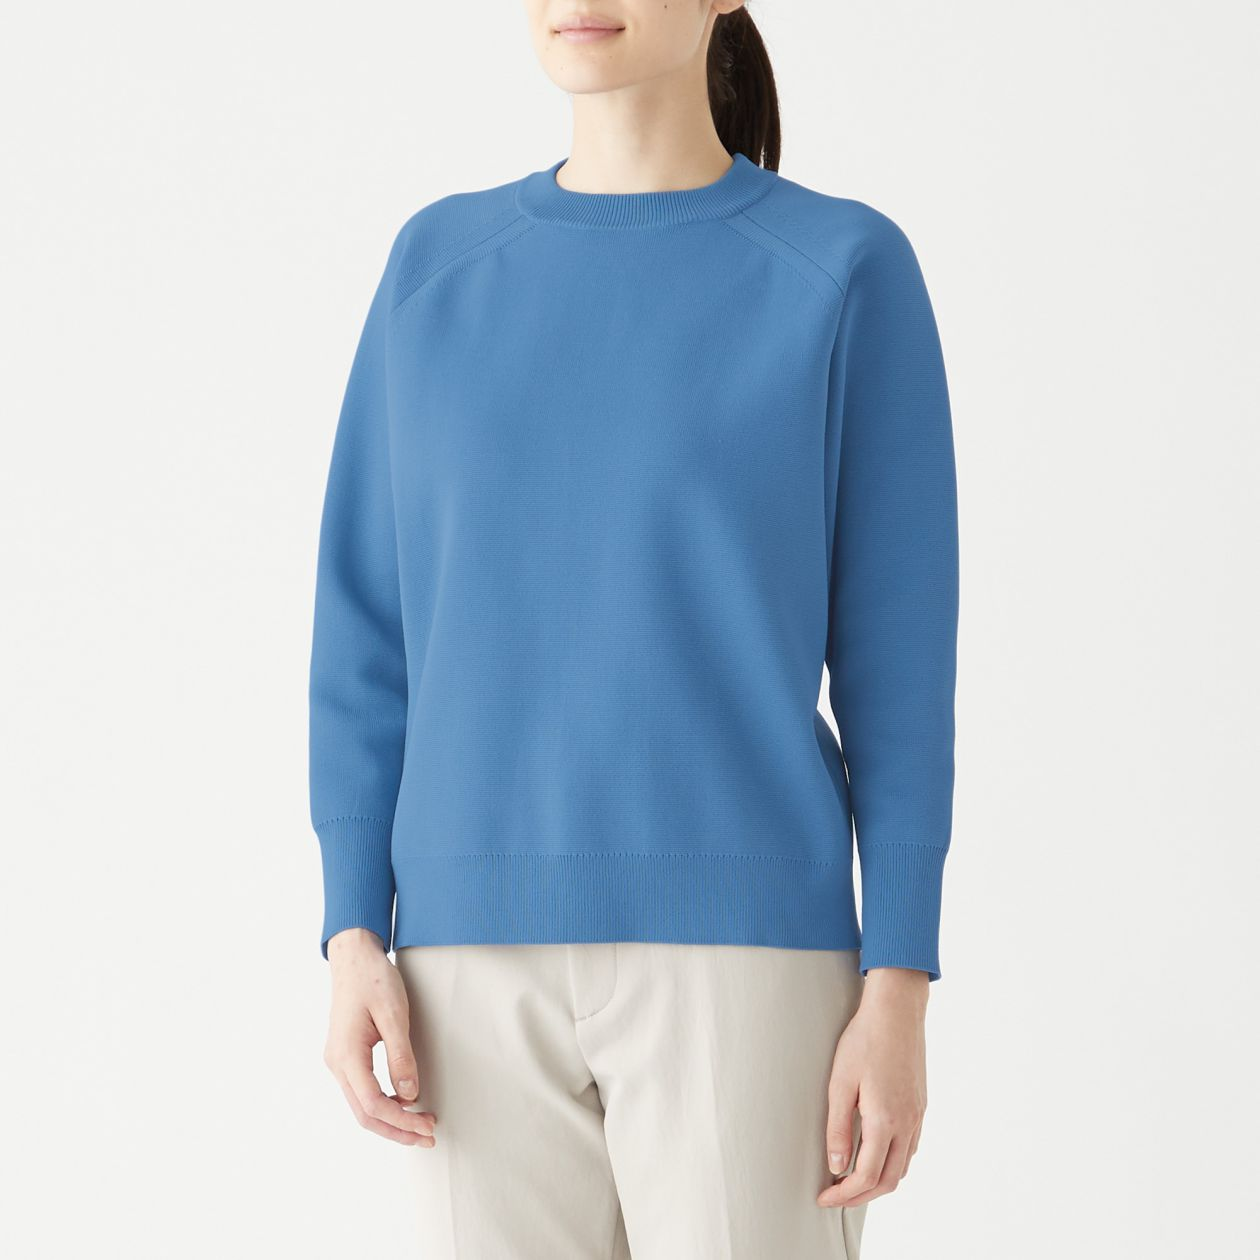 ミラノリブ編みクルーネックセーター